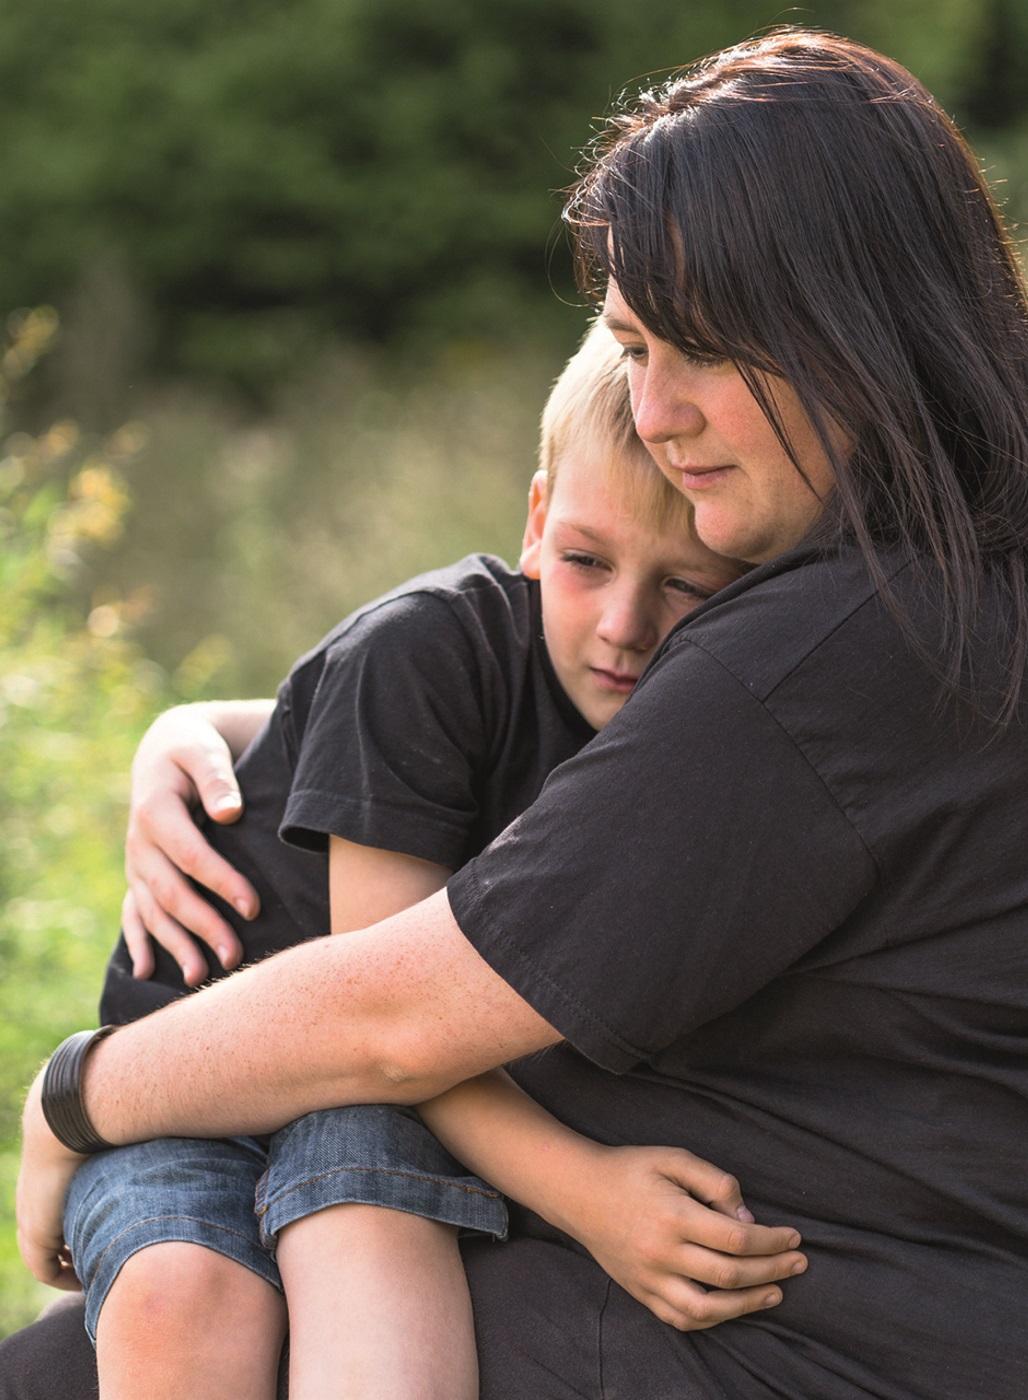 Mutter hält ihren Sohn fest im Arm.